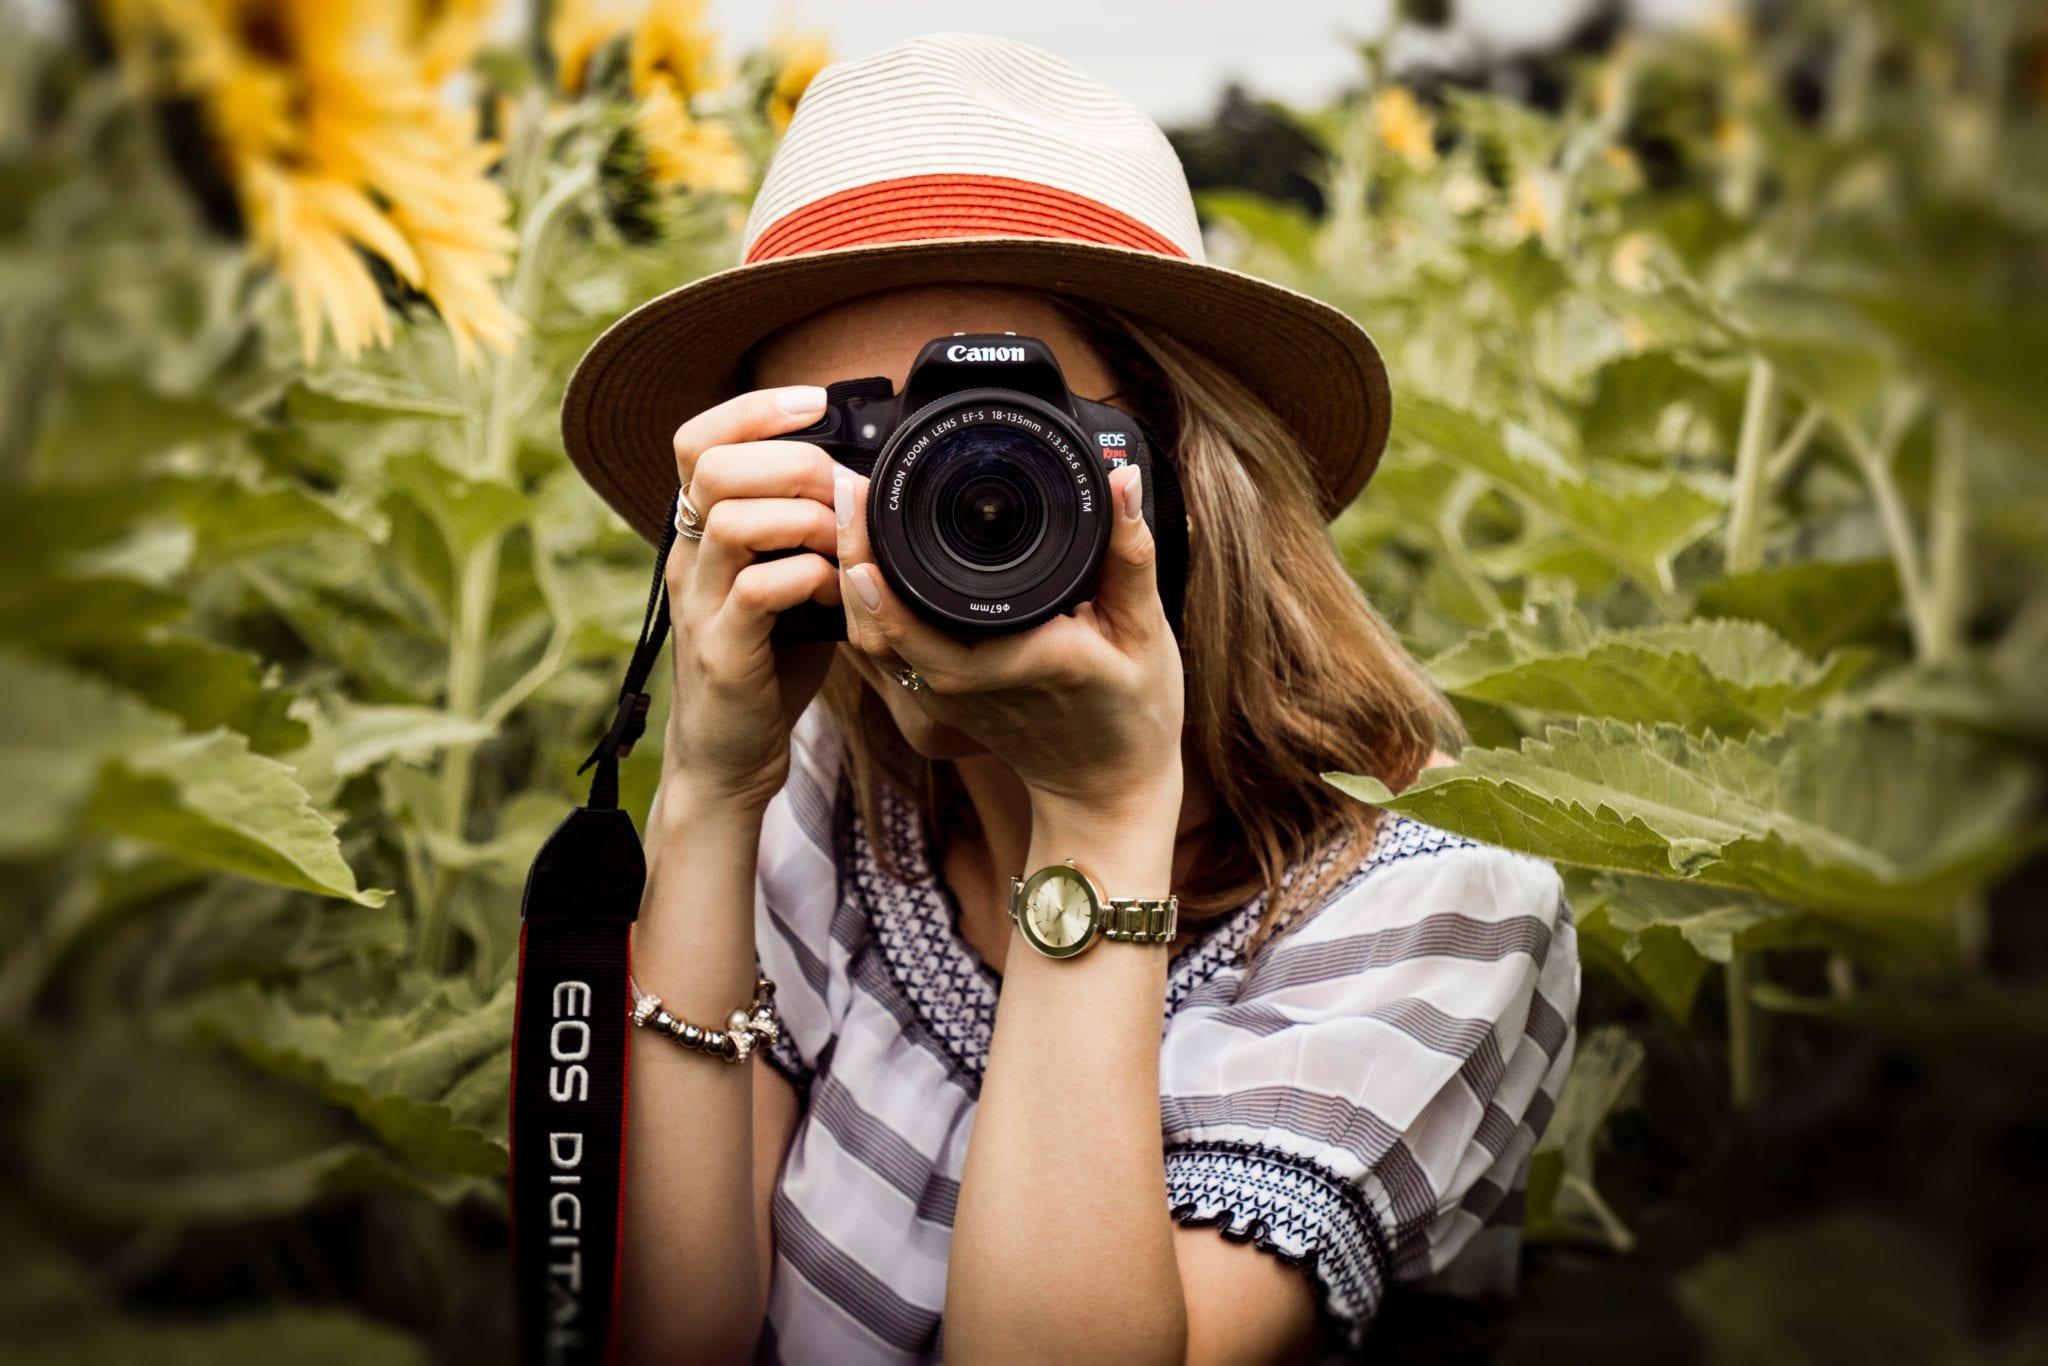 กล้องดิจิตอล แนะนำกล้องถ่ายรูป กล้องถ่ายภาพ กล้อง mirrorless 2019 แนะนำกล้อง กล้องถ่ายรูปสวย กล้อง mirrorless ตัวไหนดี กล้องสำหรับมือใหม่ กล้องถ่ายรูป 2019 ราคาถูก กล้องถ่ายรูปรุ่นไหนดี 2019 กล้องถ่ายรูปสวยๆ 2019 ราคากล้องถ่ายรูป 2019 งานกล้อง 2019 ต้นปี กล้อง mirrorless 2019 ตัวไหนดี รีวิวกล้องถ่ายรูป AliExpress กล้องถ่ายรูป กล้องถ่ายรูปรุ่นไหนดี กล้องถ่ายรูป 2019